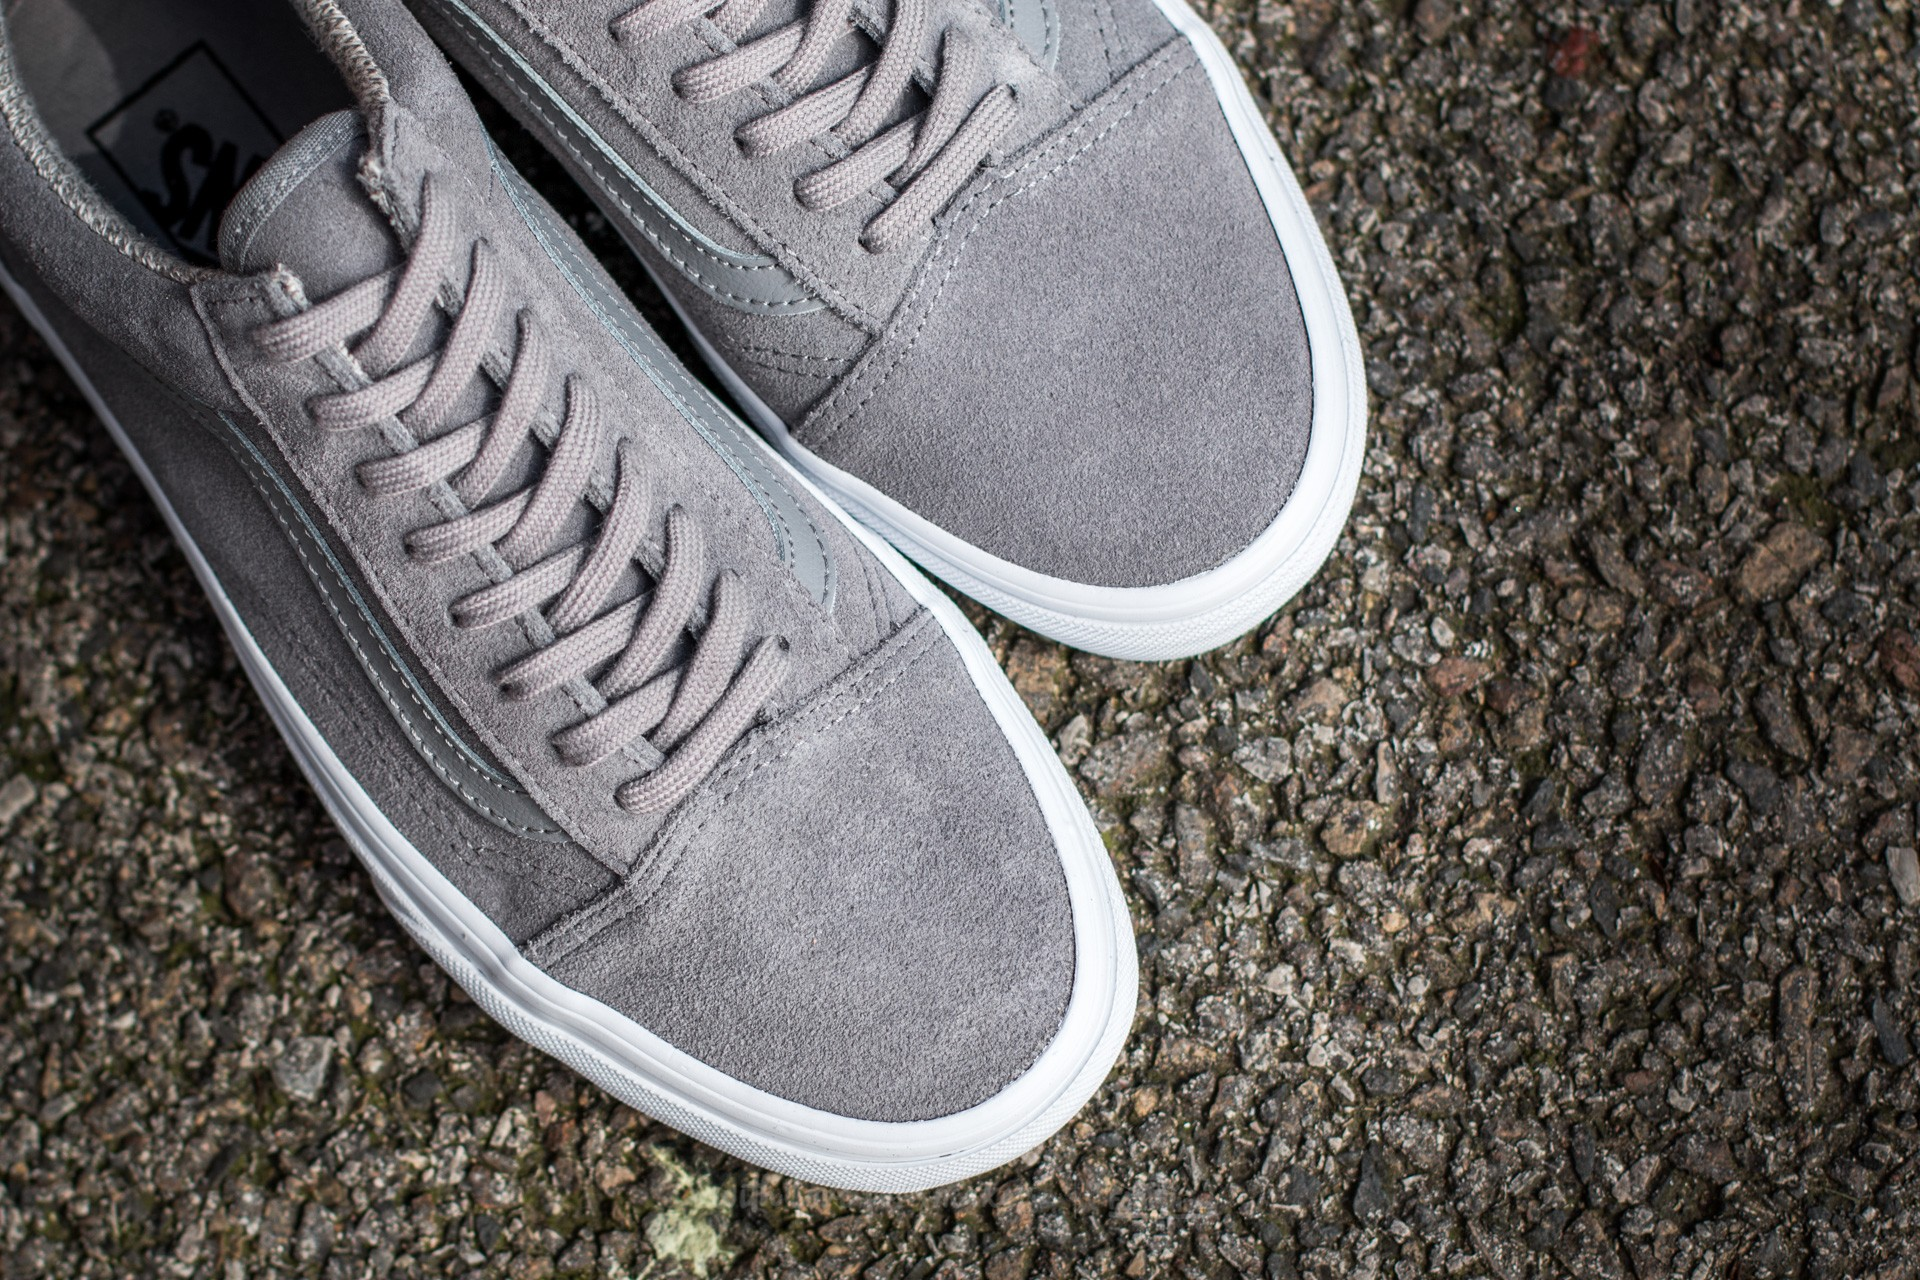 Vans Old Skool (Suede Woven) Gray True White | Footshop